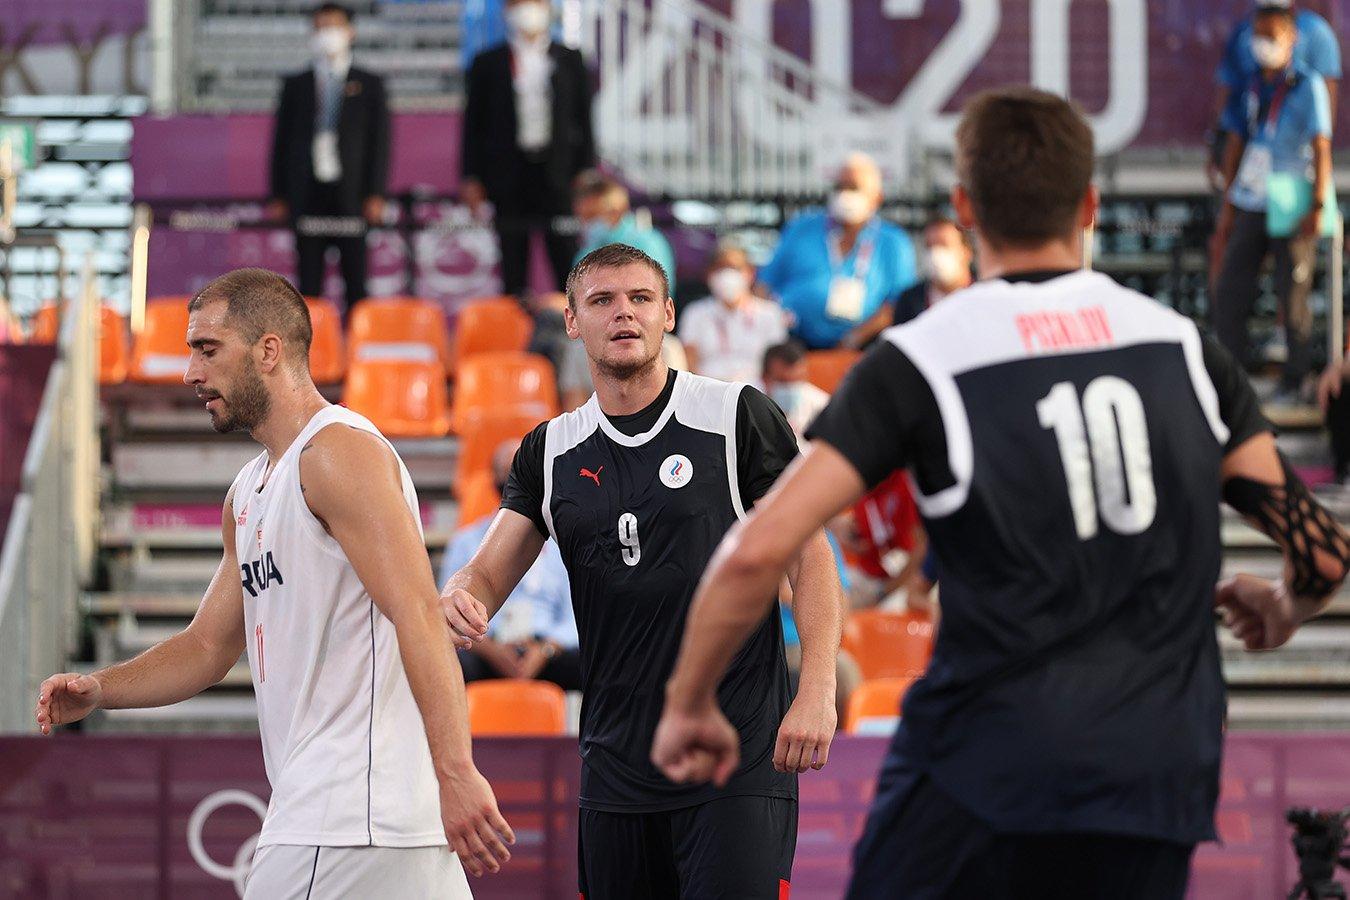 Мужская сборная России по баскетболу 3х3 разгромила Сербию и вышла в финал Олимпиады